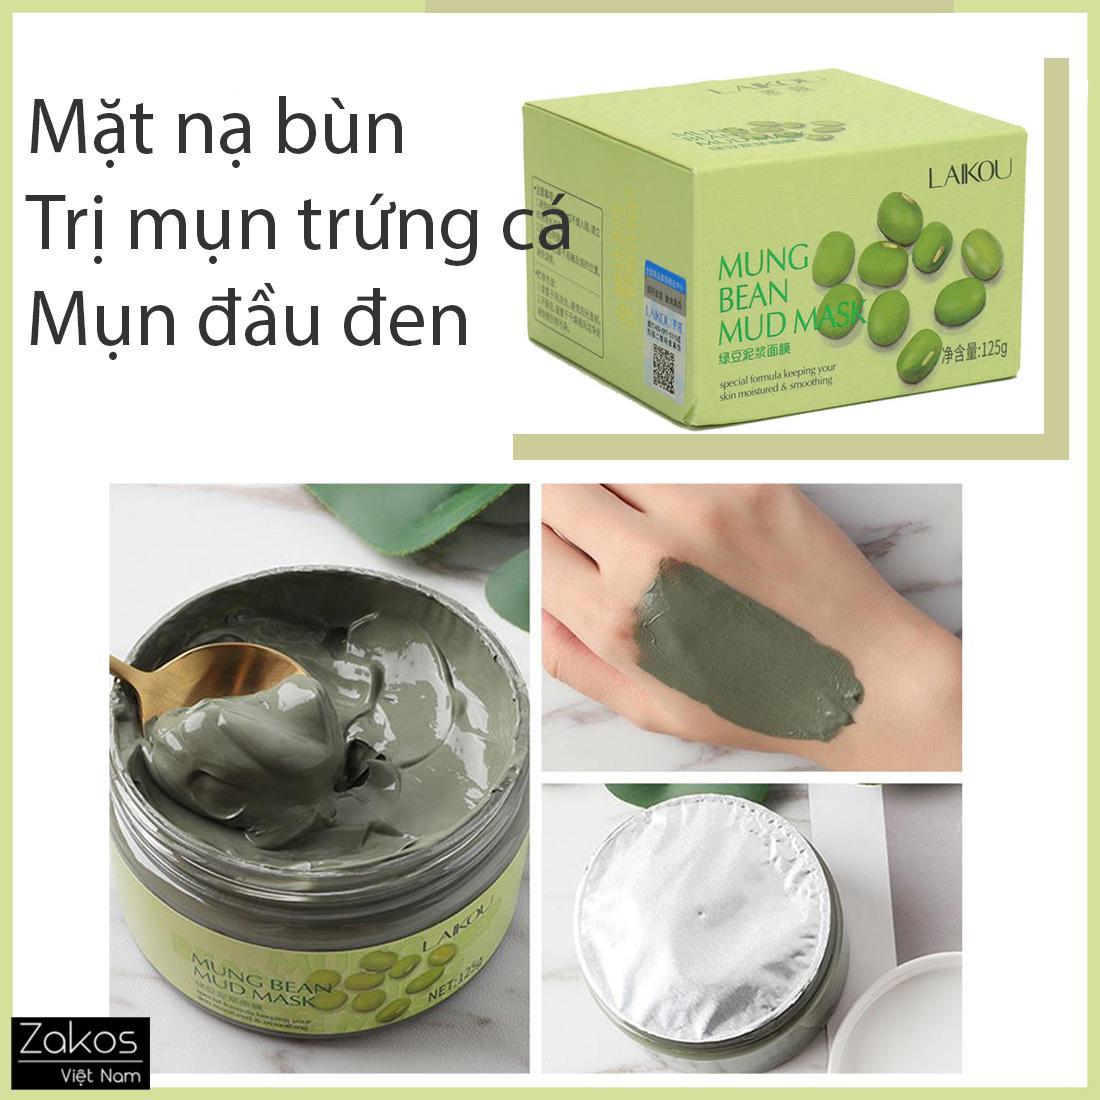 [Dành cho da mụn, da dầu] Mặt nạ bùn đậu xanh nguyên chất Laikou Mung Bean Mud Mask - Se lỗ chân lông, trị mụn trứng cá, mụn đầu đen, sạch sâu